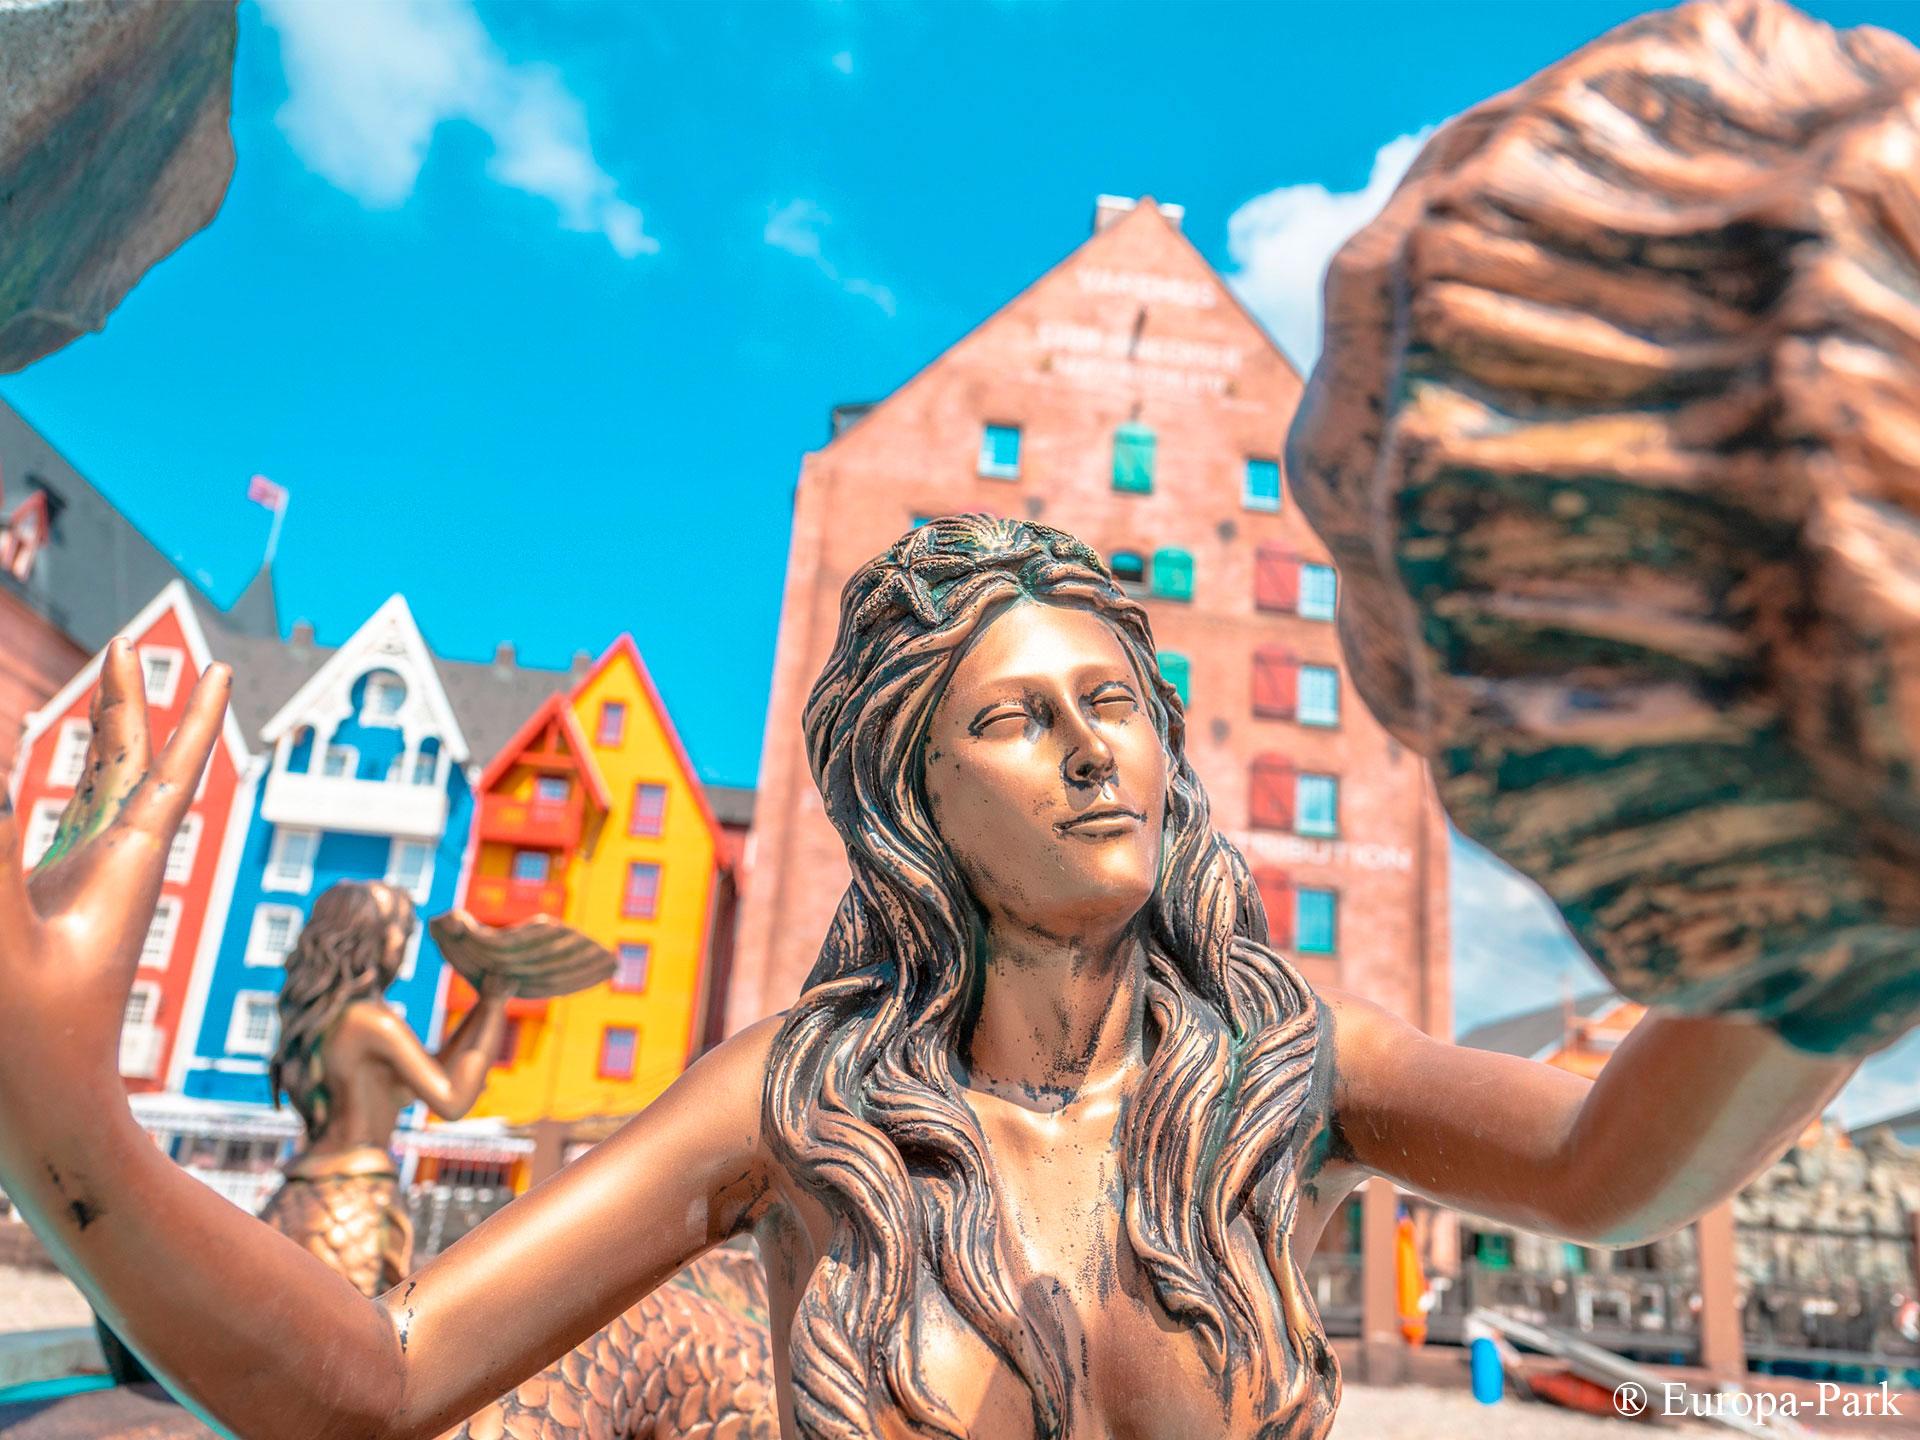 Mermaid Fountain at Europa-Park